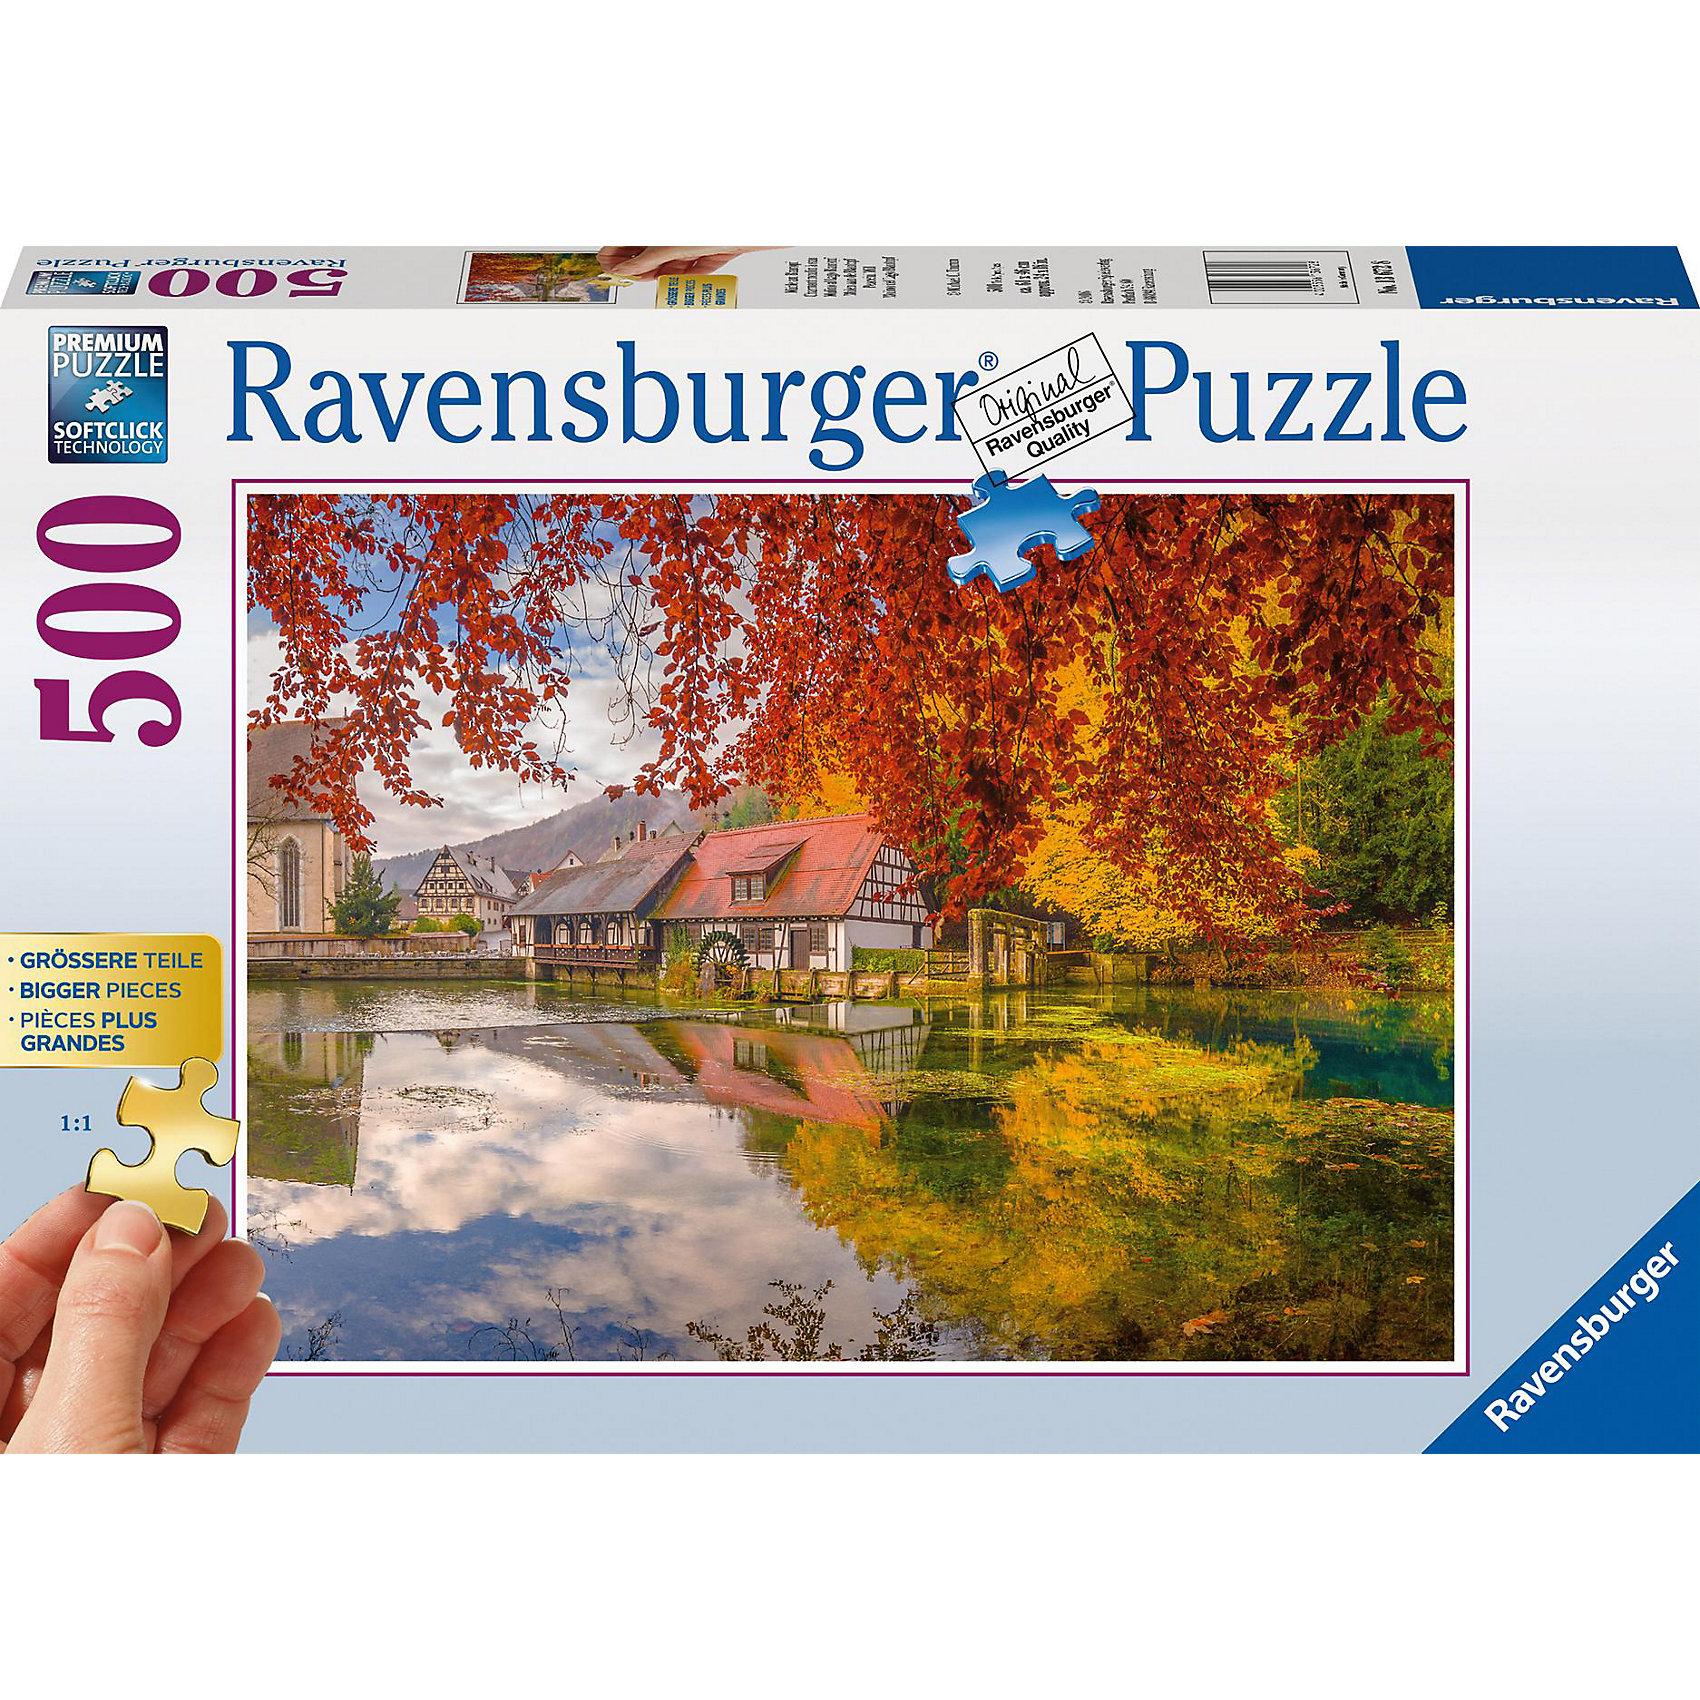 Ravensburger Пазл Тихая мельница, 500 деталей, Ravensburger ravensburger пазл тихая бухта 1500 деталей